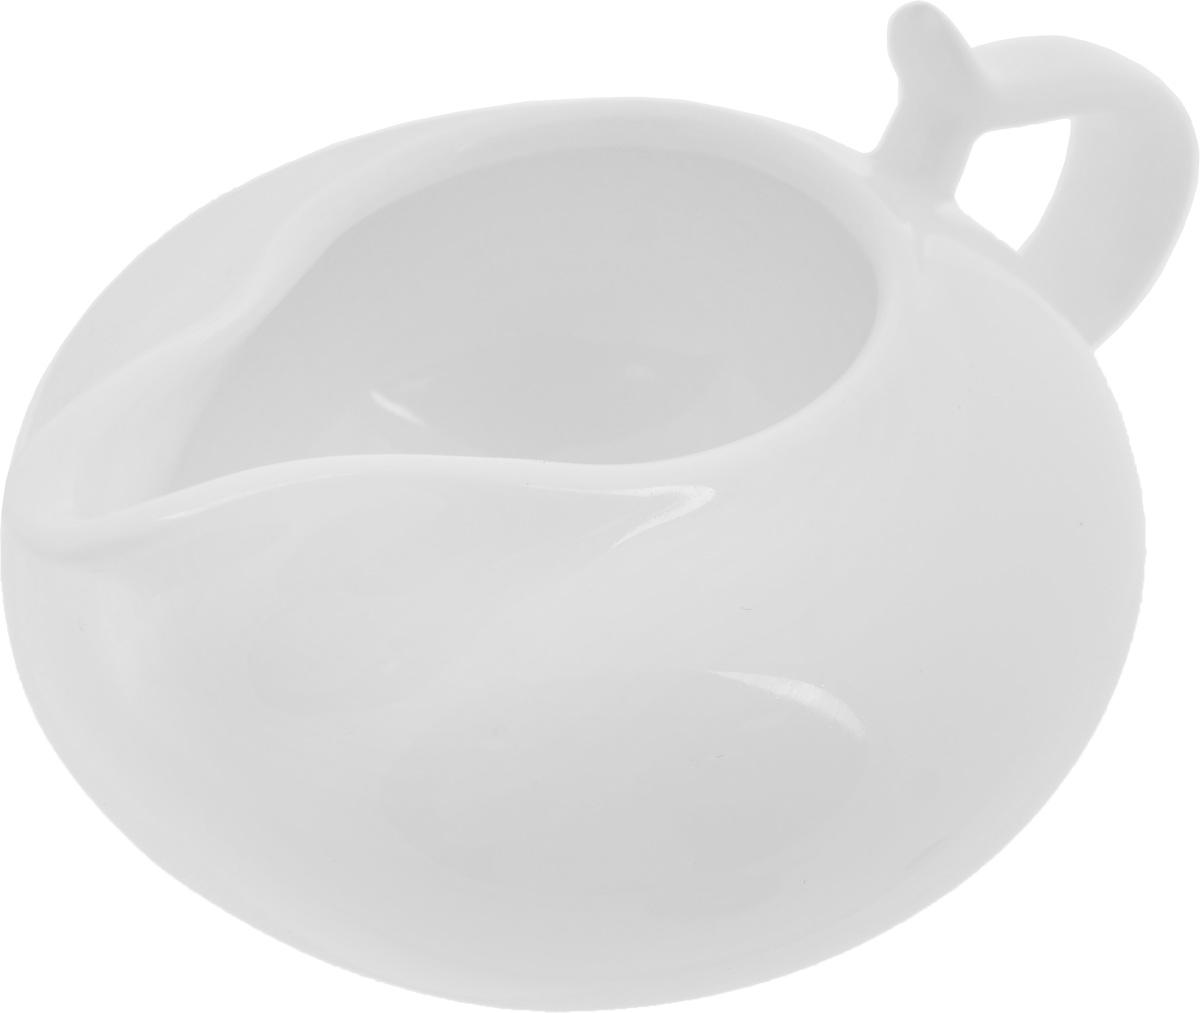 """Молочник """"Wilmax"""", 250 мл. WL-995022 / 1C"""